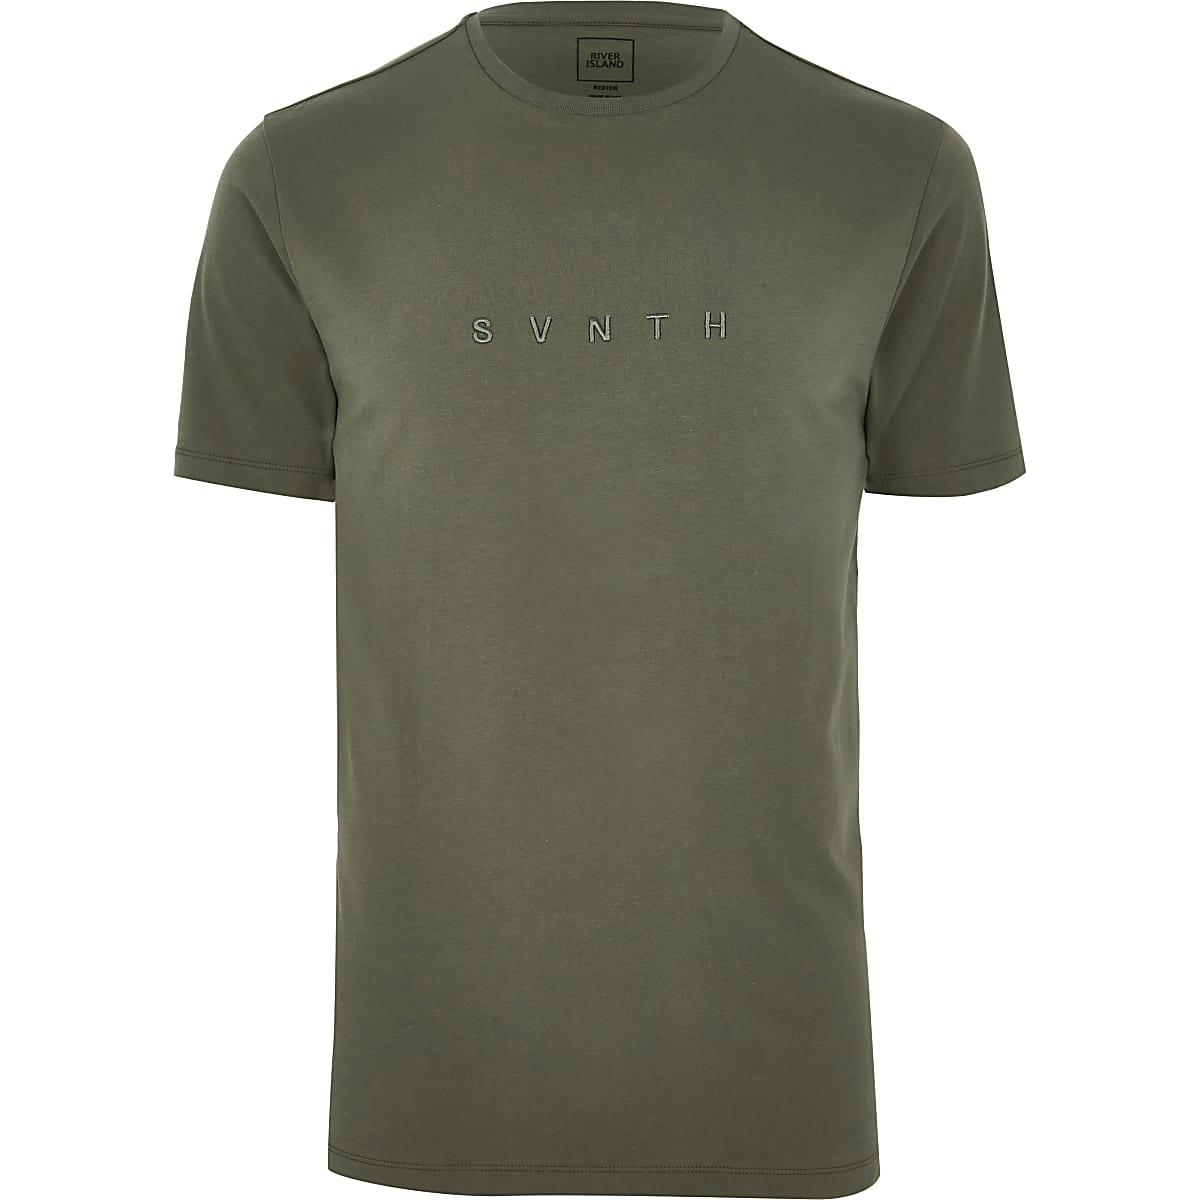 Khaki 'Svnth' slim fit T-shirt